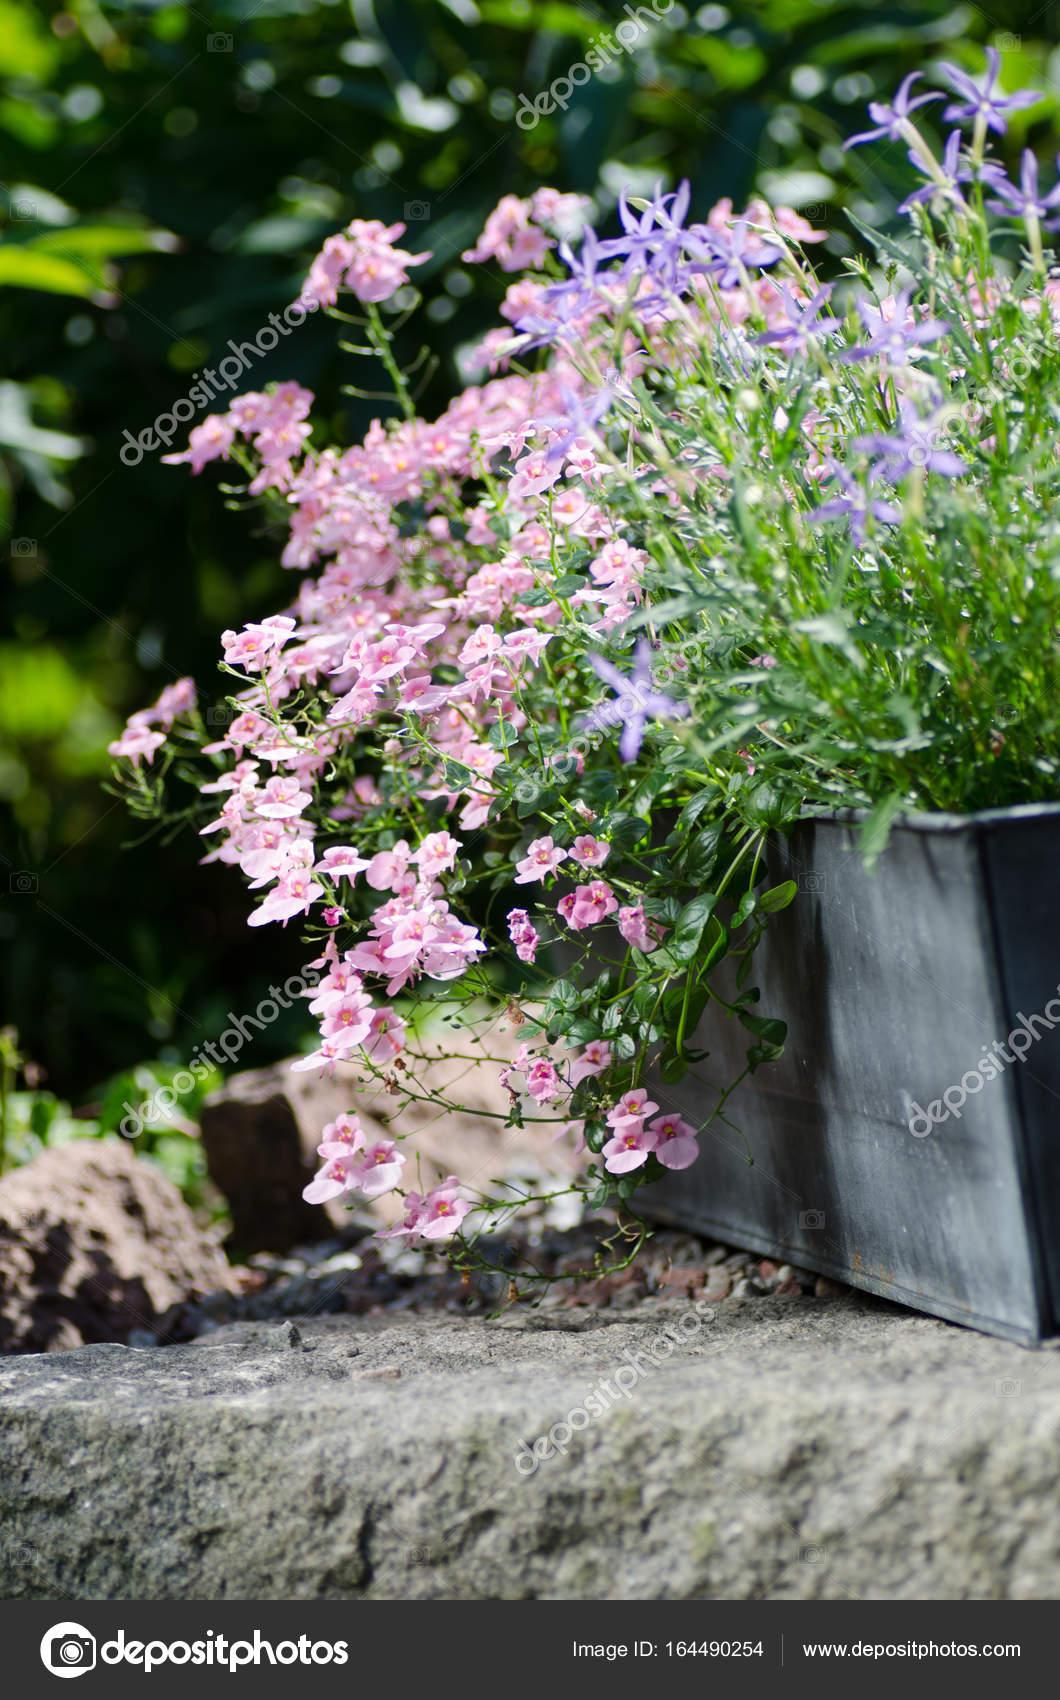 Ogrod Piekne Kwiaty W Doniczkach Zdjecie Stockowe C Eugena